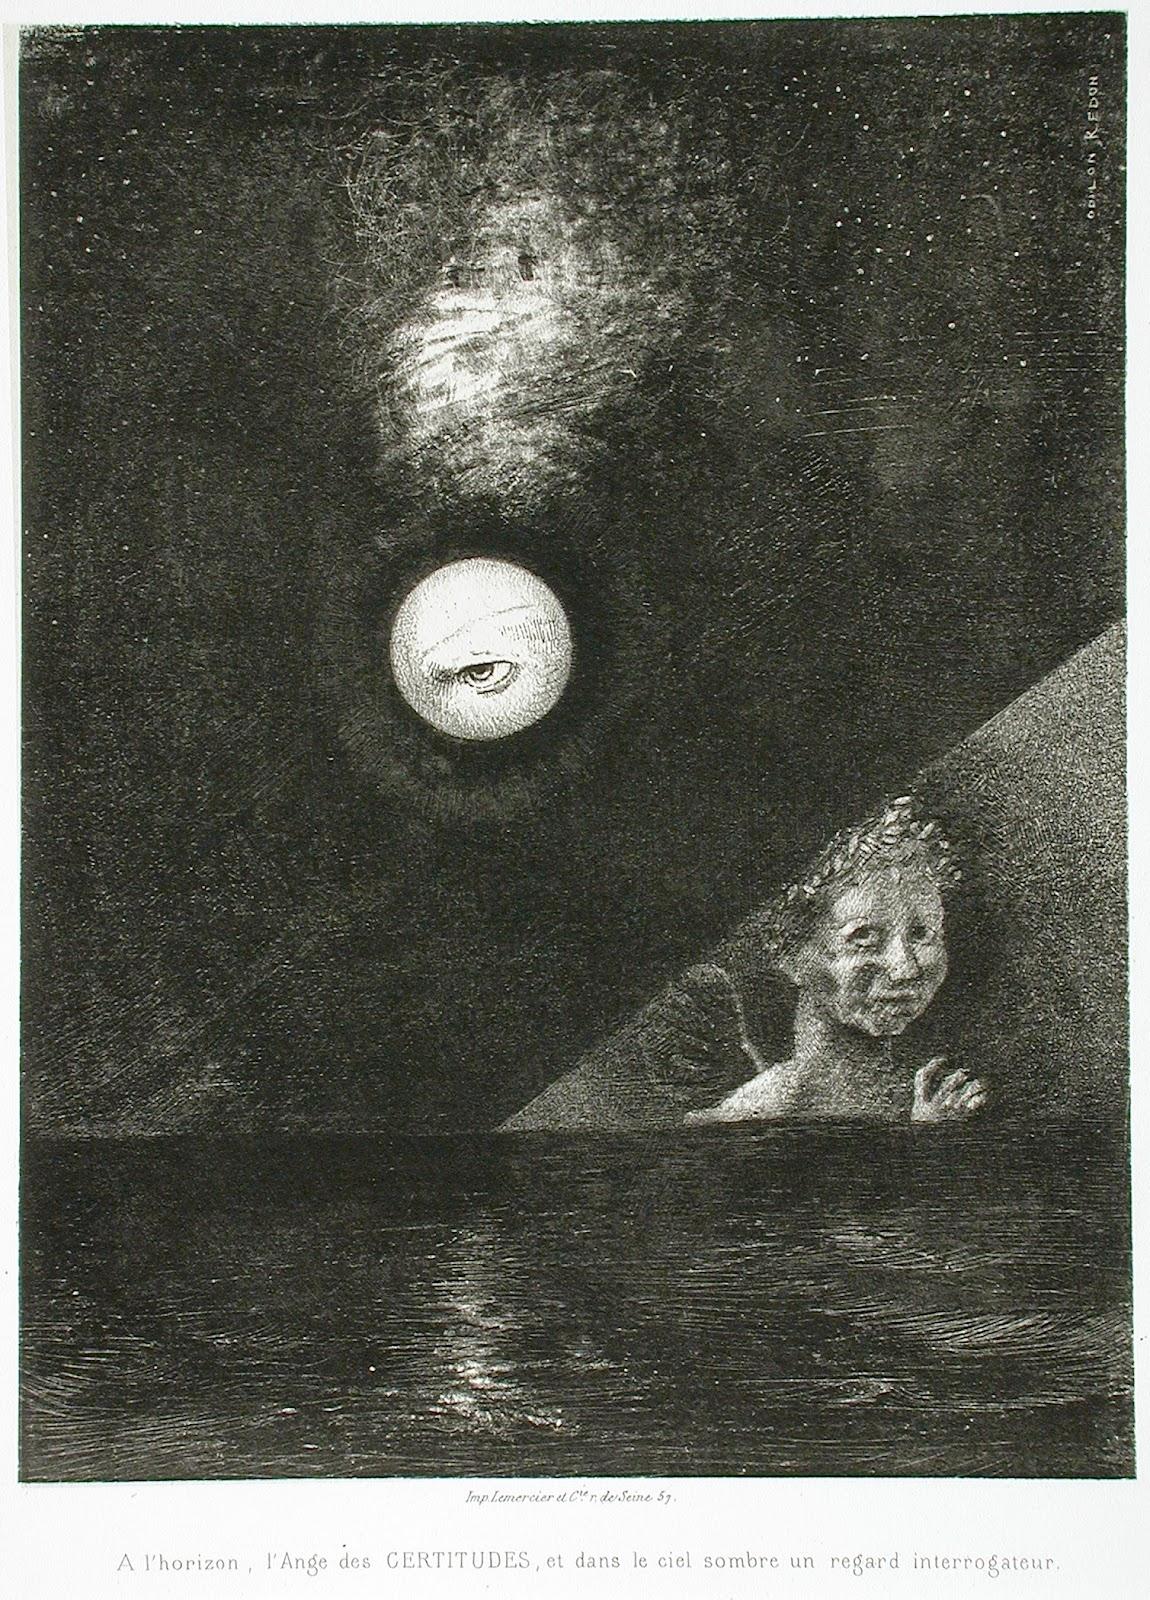 À l'horizon, l'Ange des certitudes, et, dans le ciel sombre, un regard interrogateur